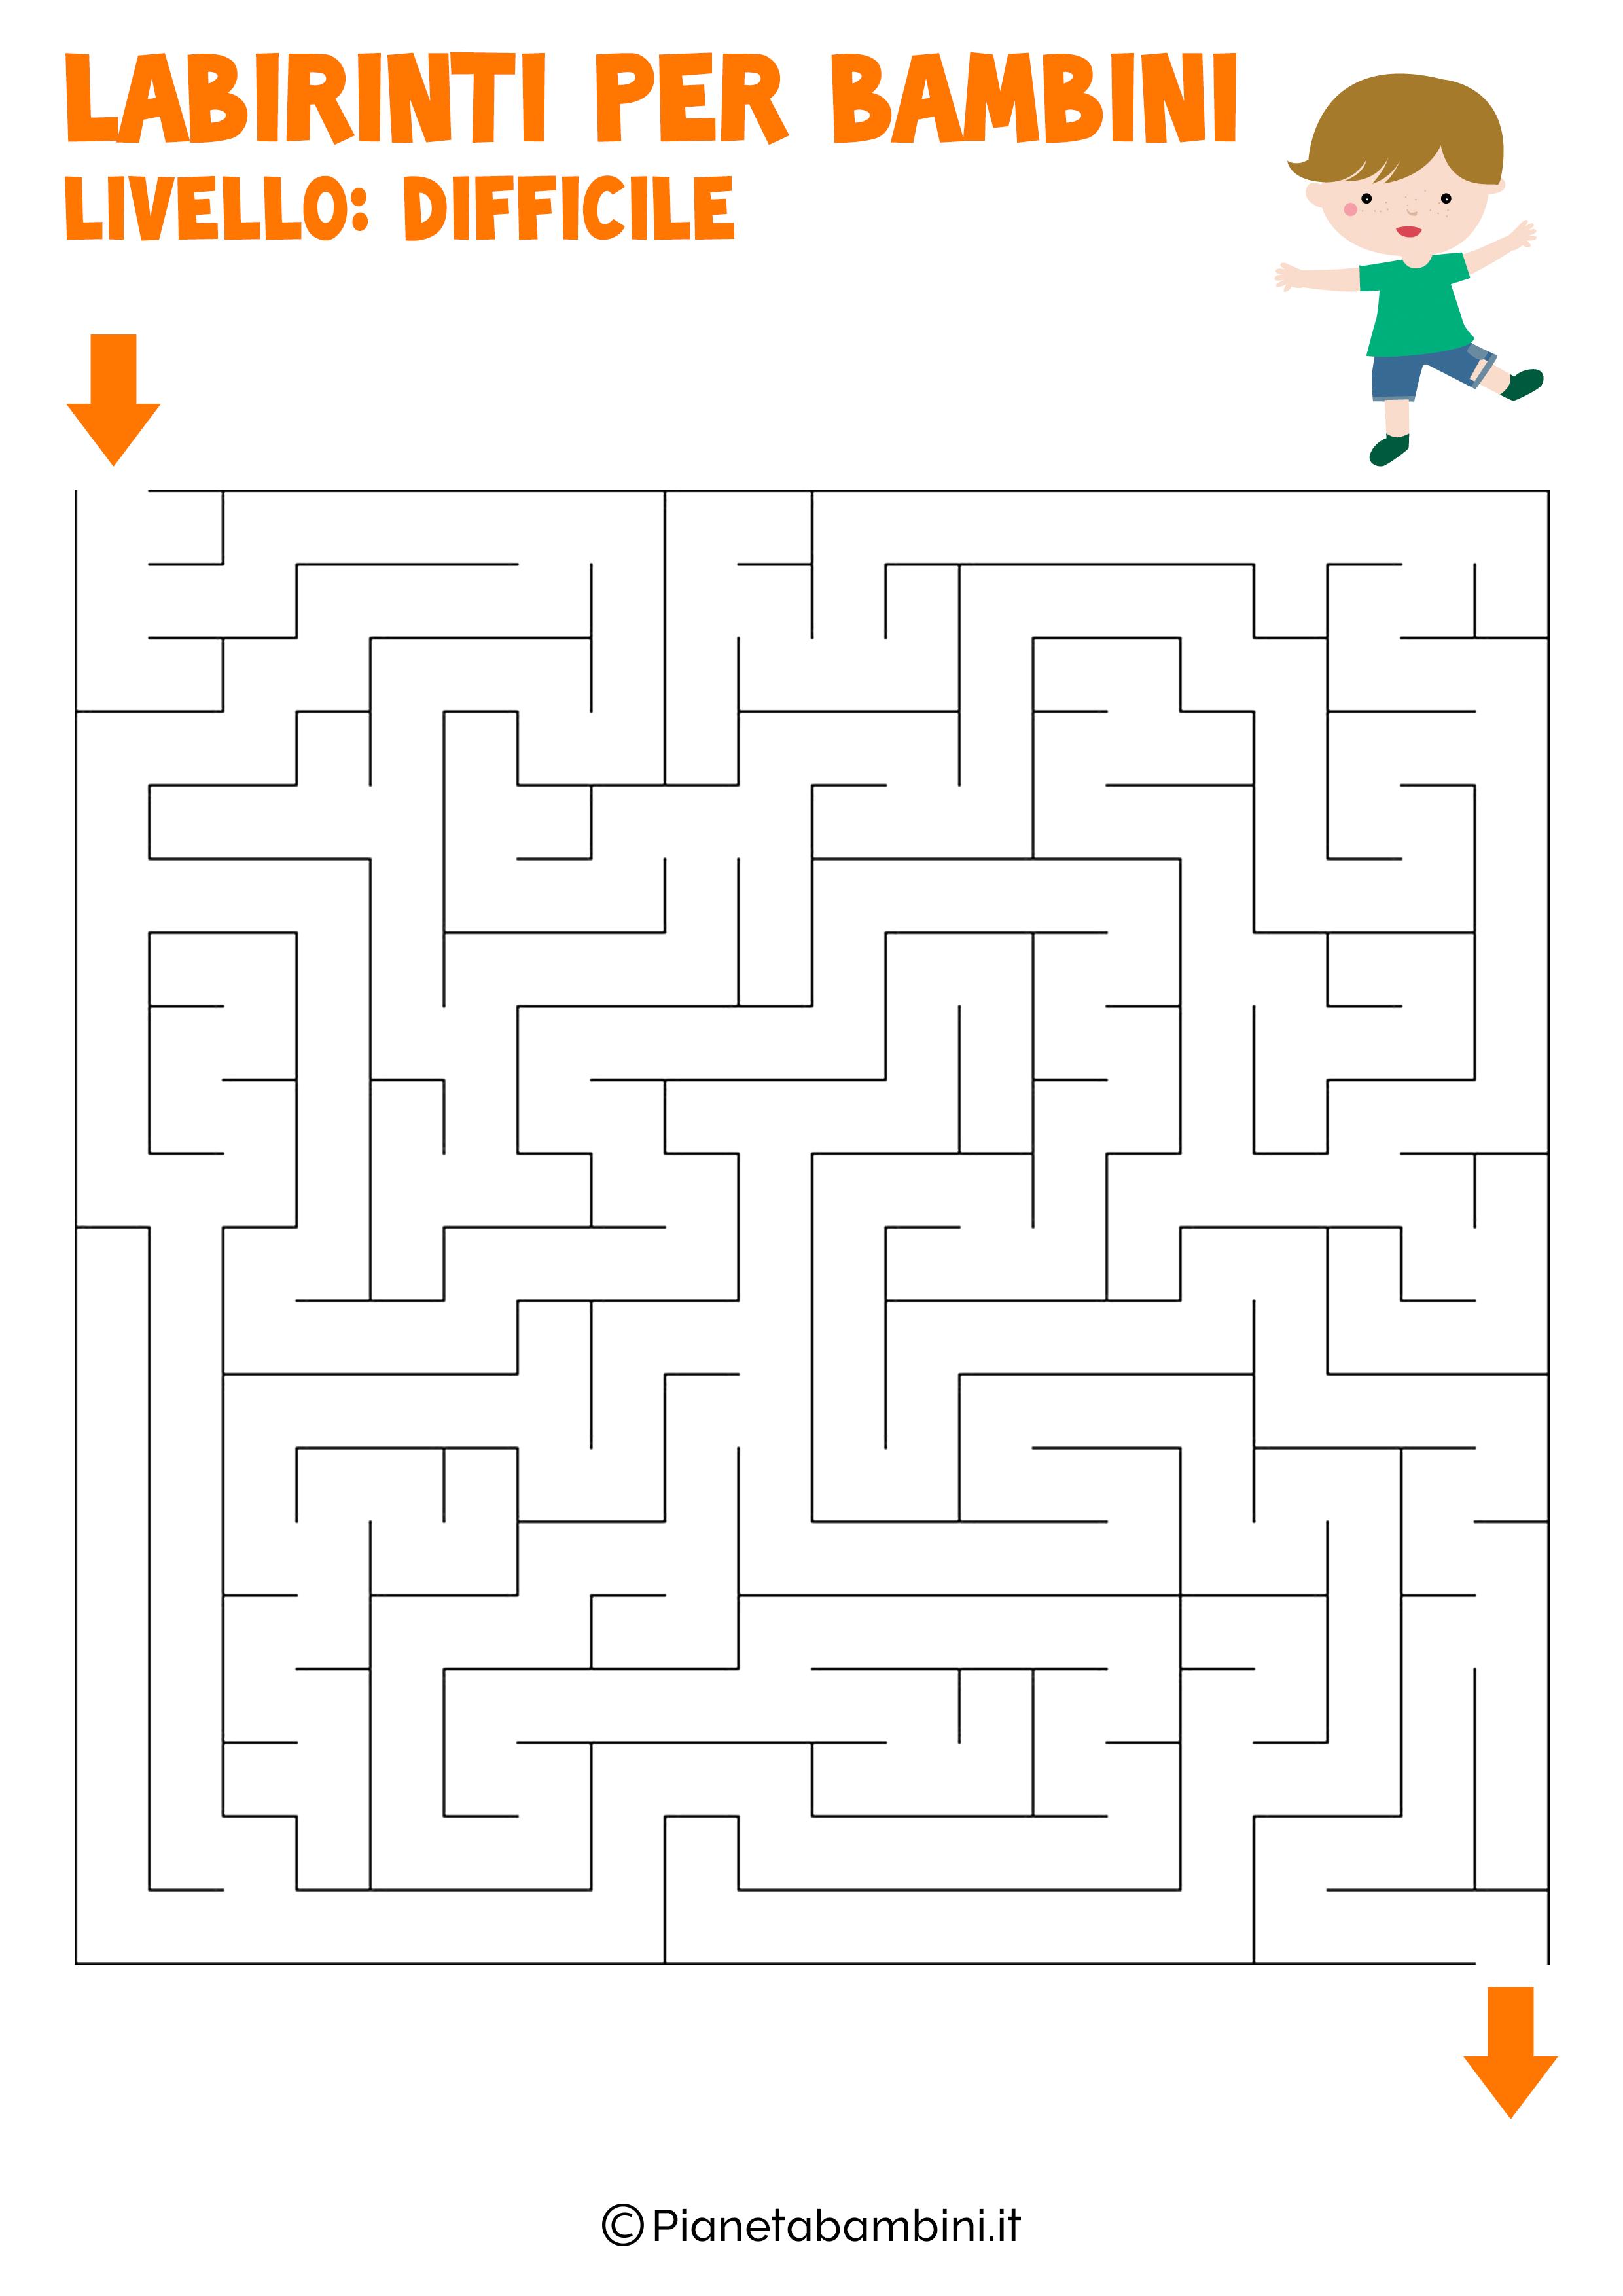 Labirinto difficile per bambini numero 4